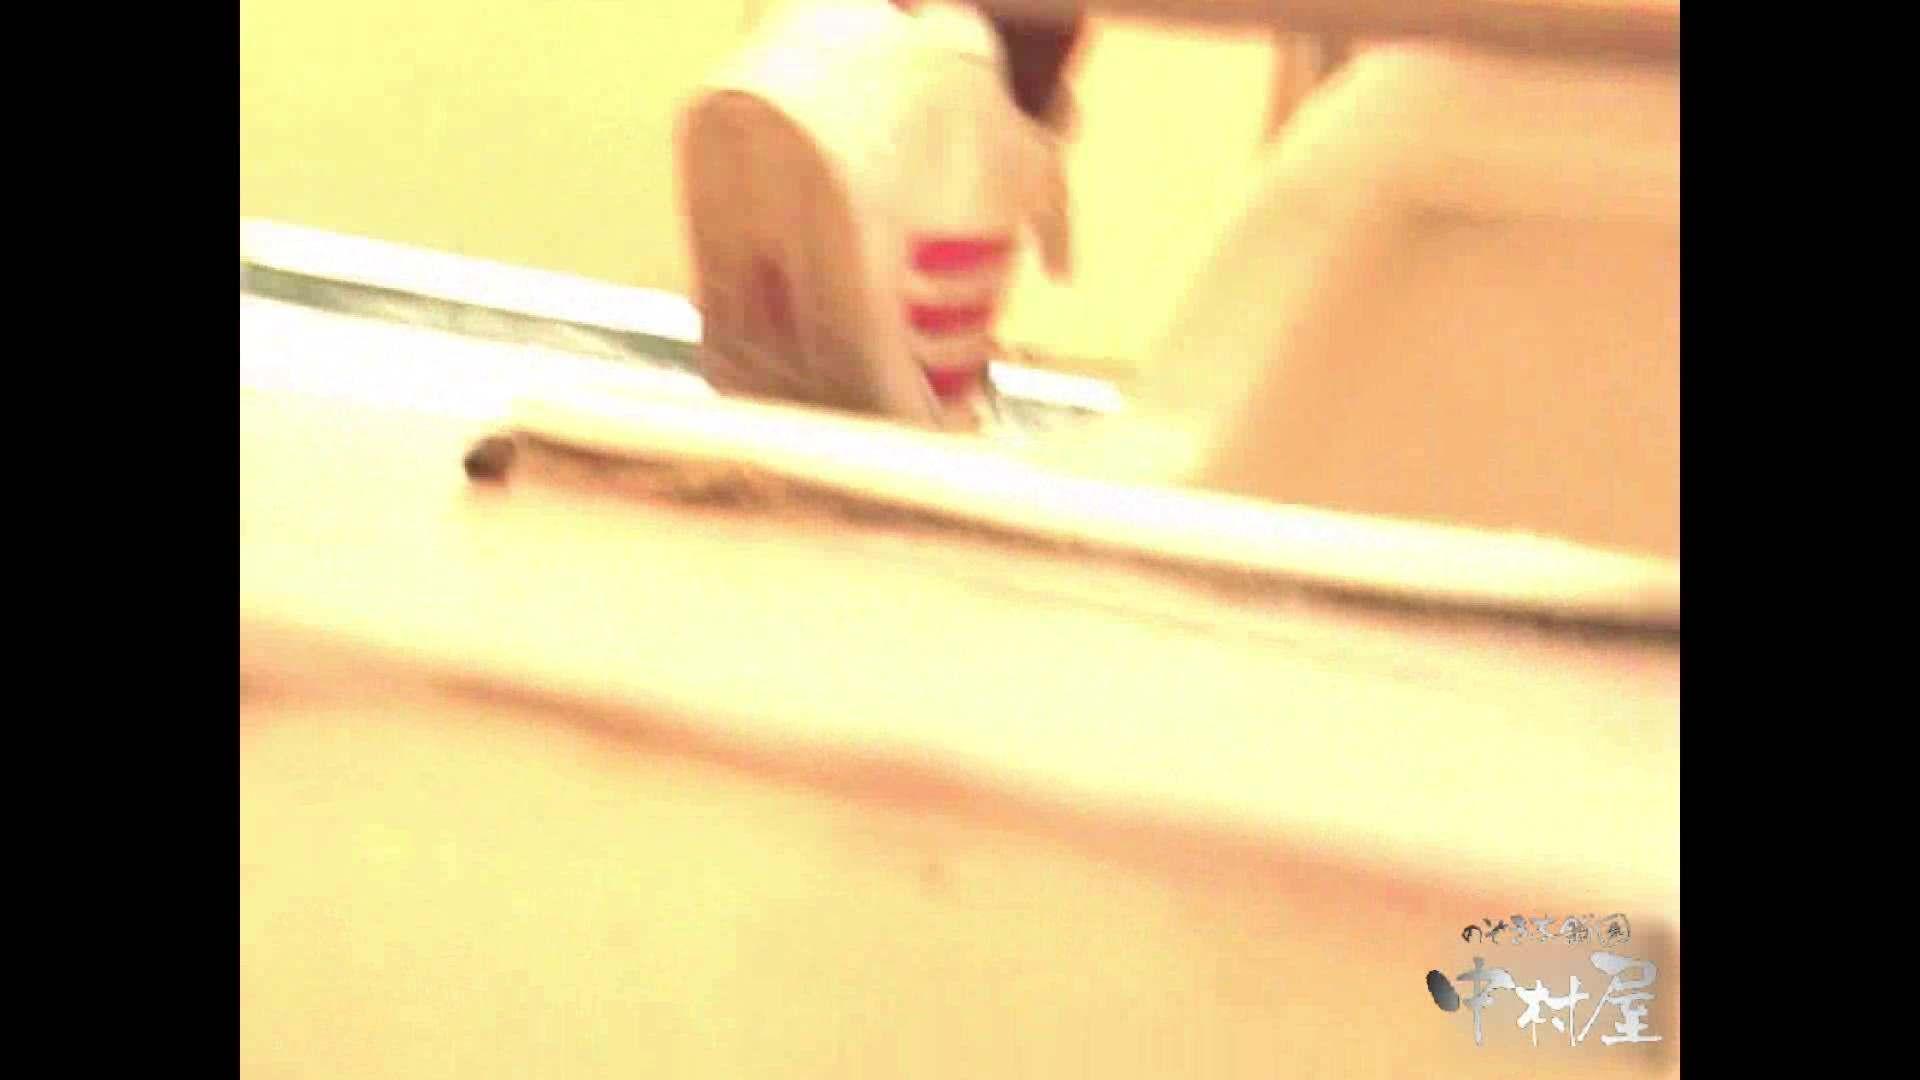 岩手県在住盗撮師盗撮記録vol.02 盗撮シリーズ AV動画キャプチャ 108PIX 93